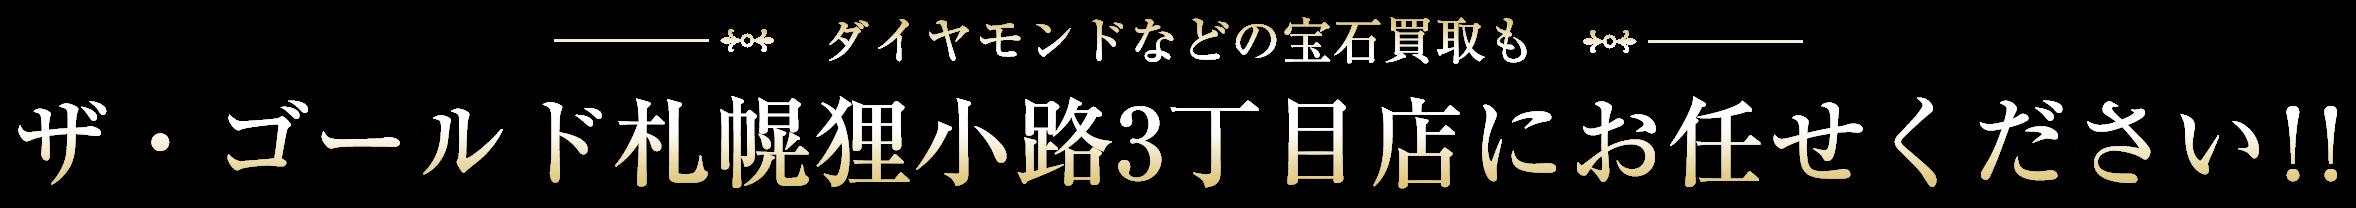 ダイヤモンドなどの宝石買取もザ・ゴールド札幌狸小路3丁目店にお任せください!!